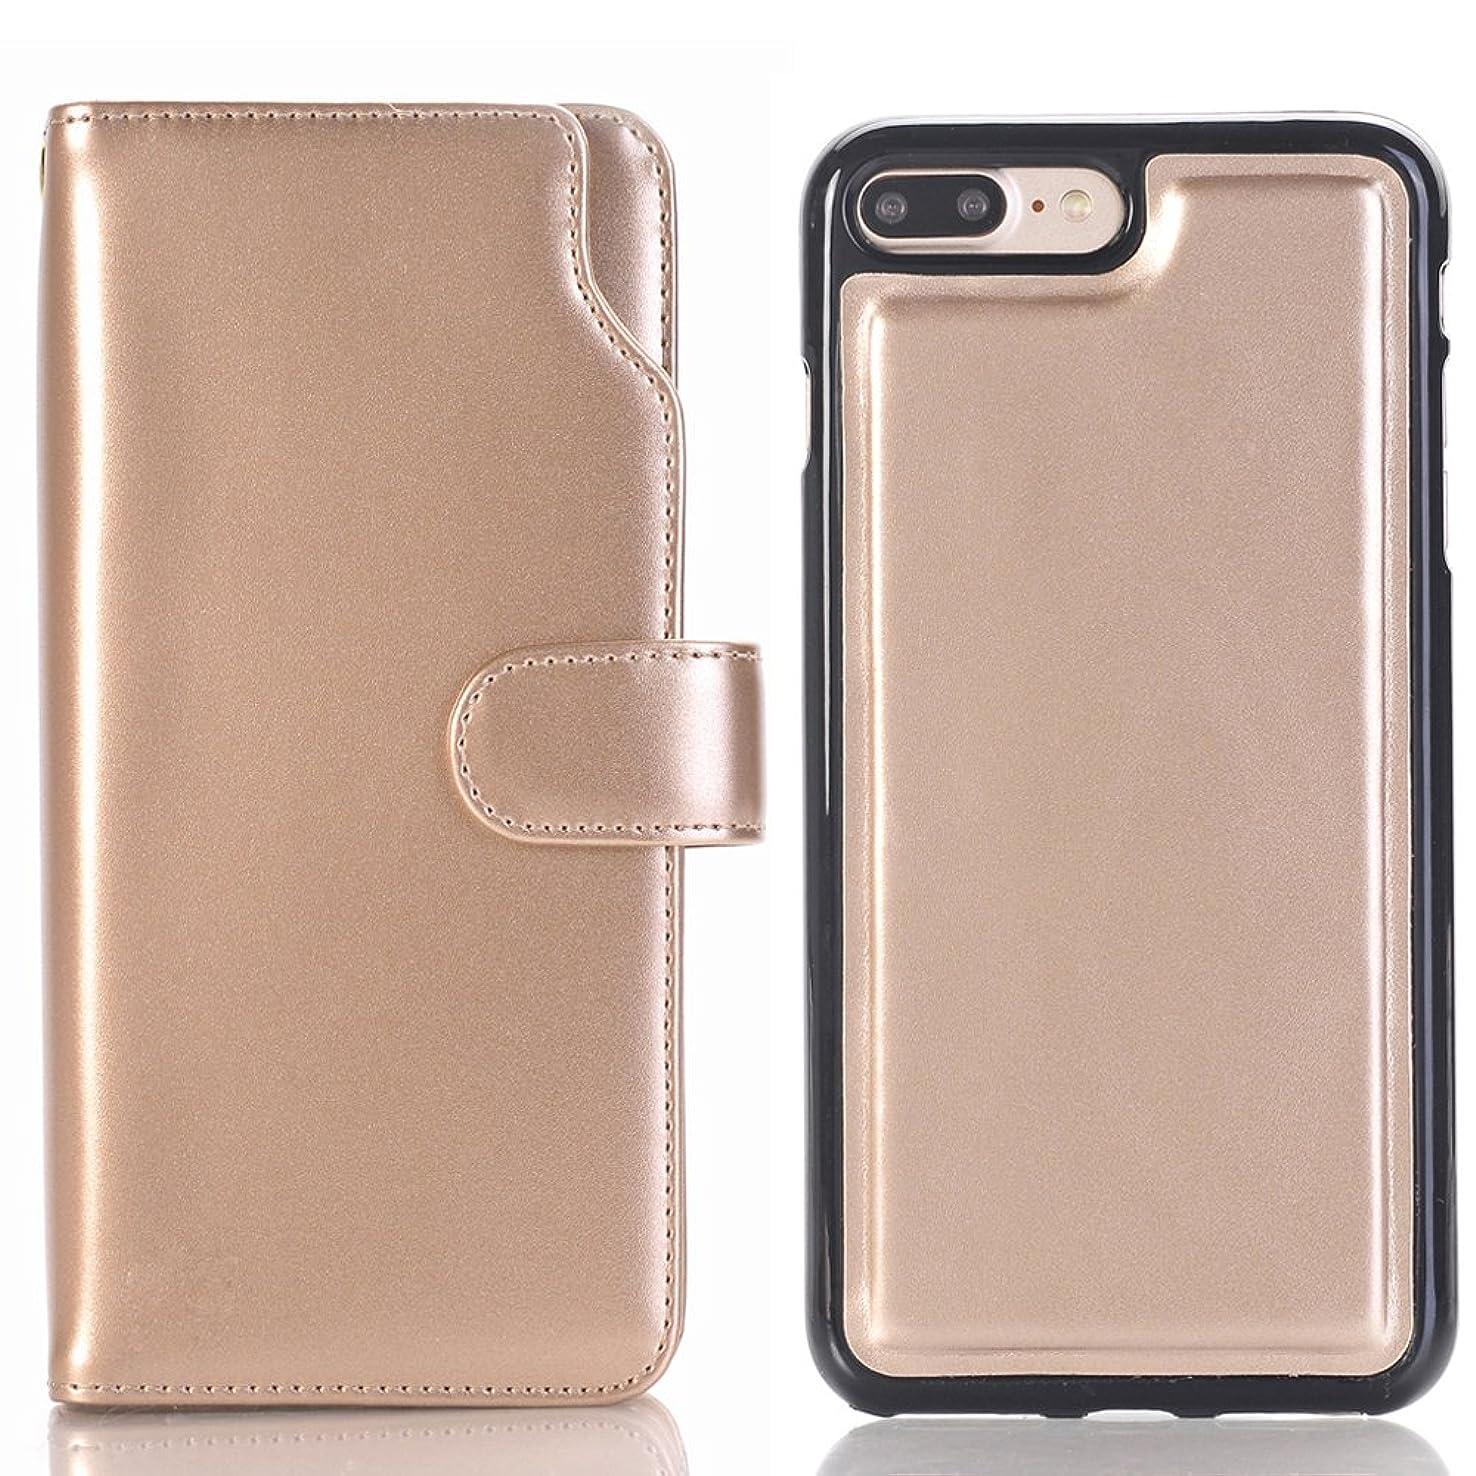 圧縮された報復するトランペットiPhone 6 Plus ケース 分離可能、SIMPLE DO 良質レザー おしゃれデザイン カード収納 傷つけ防止 業務用(ゴールド)